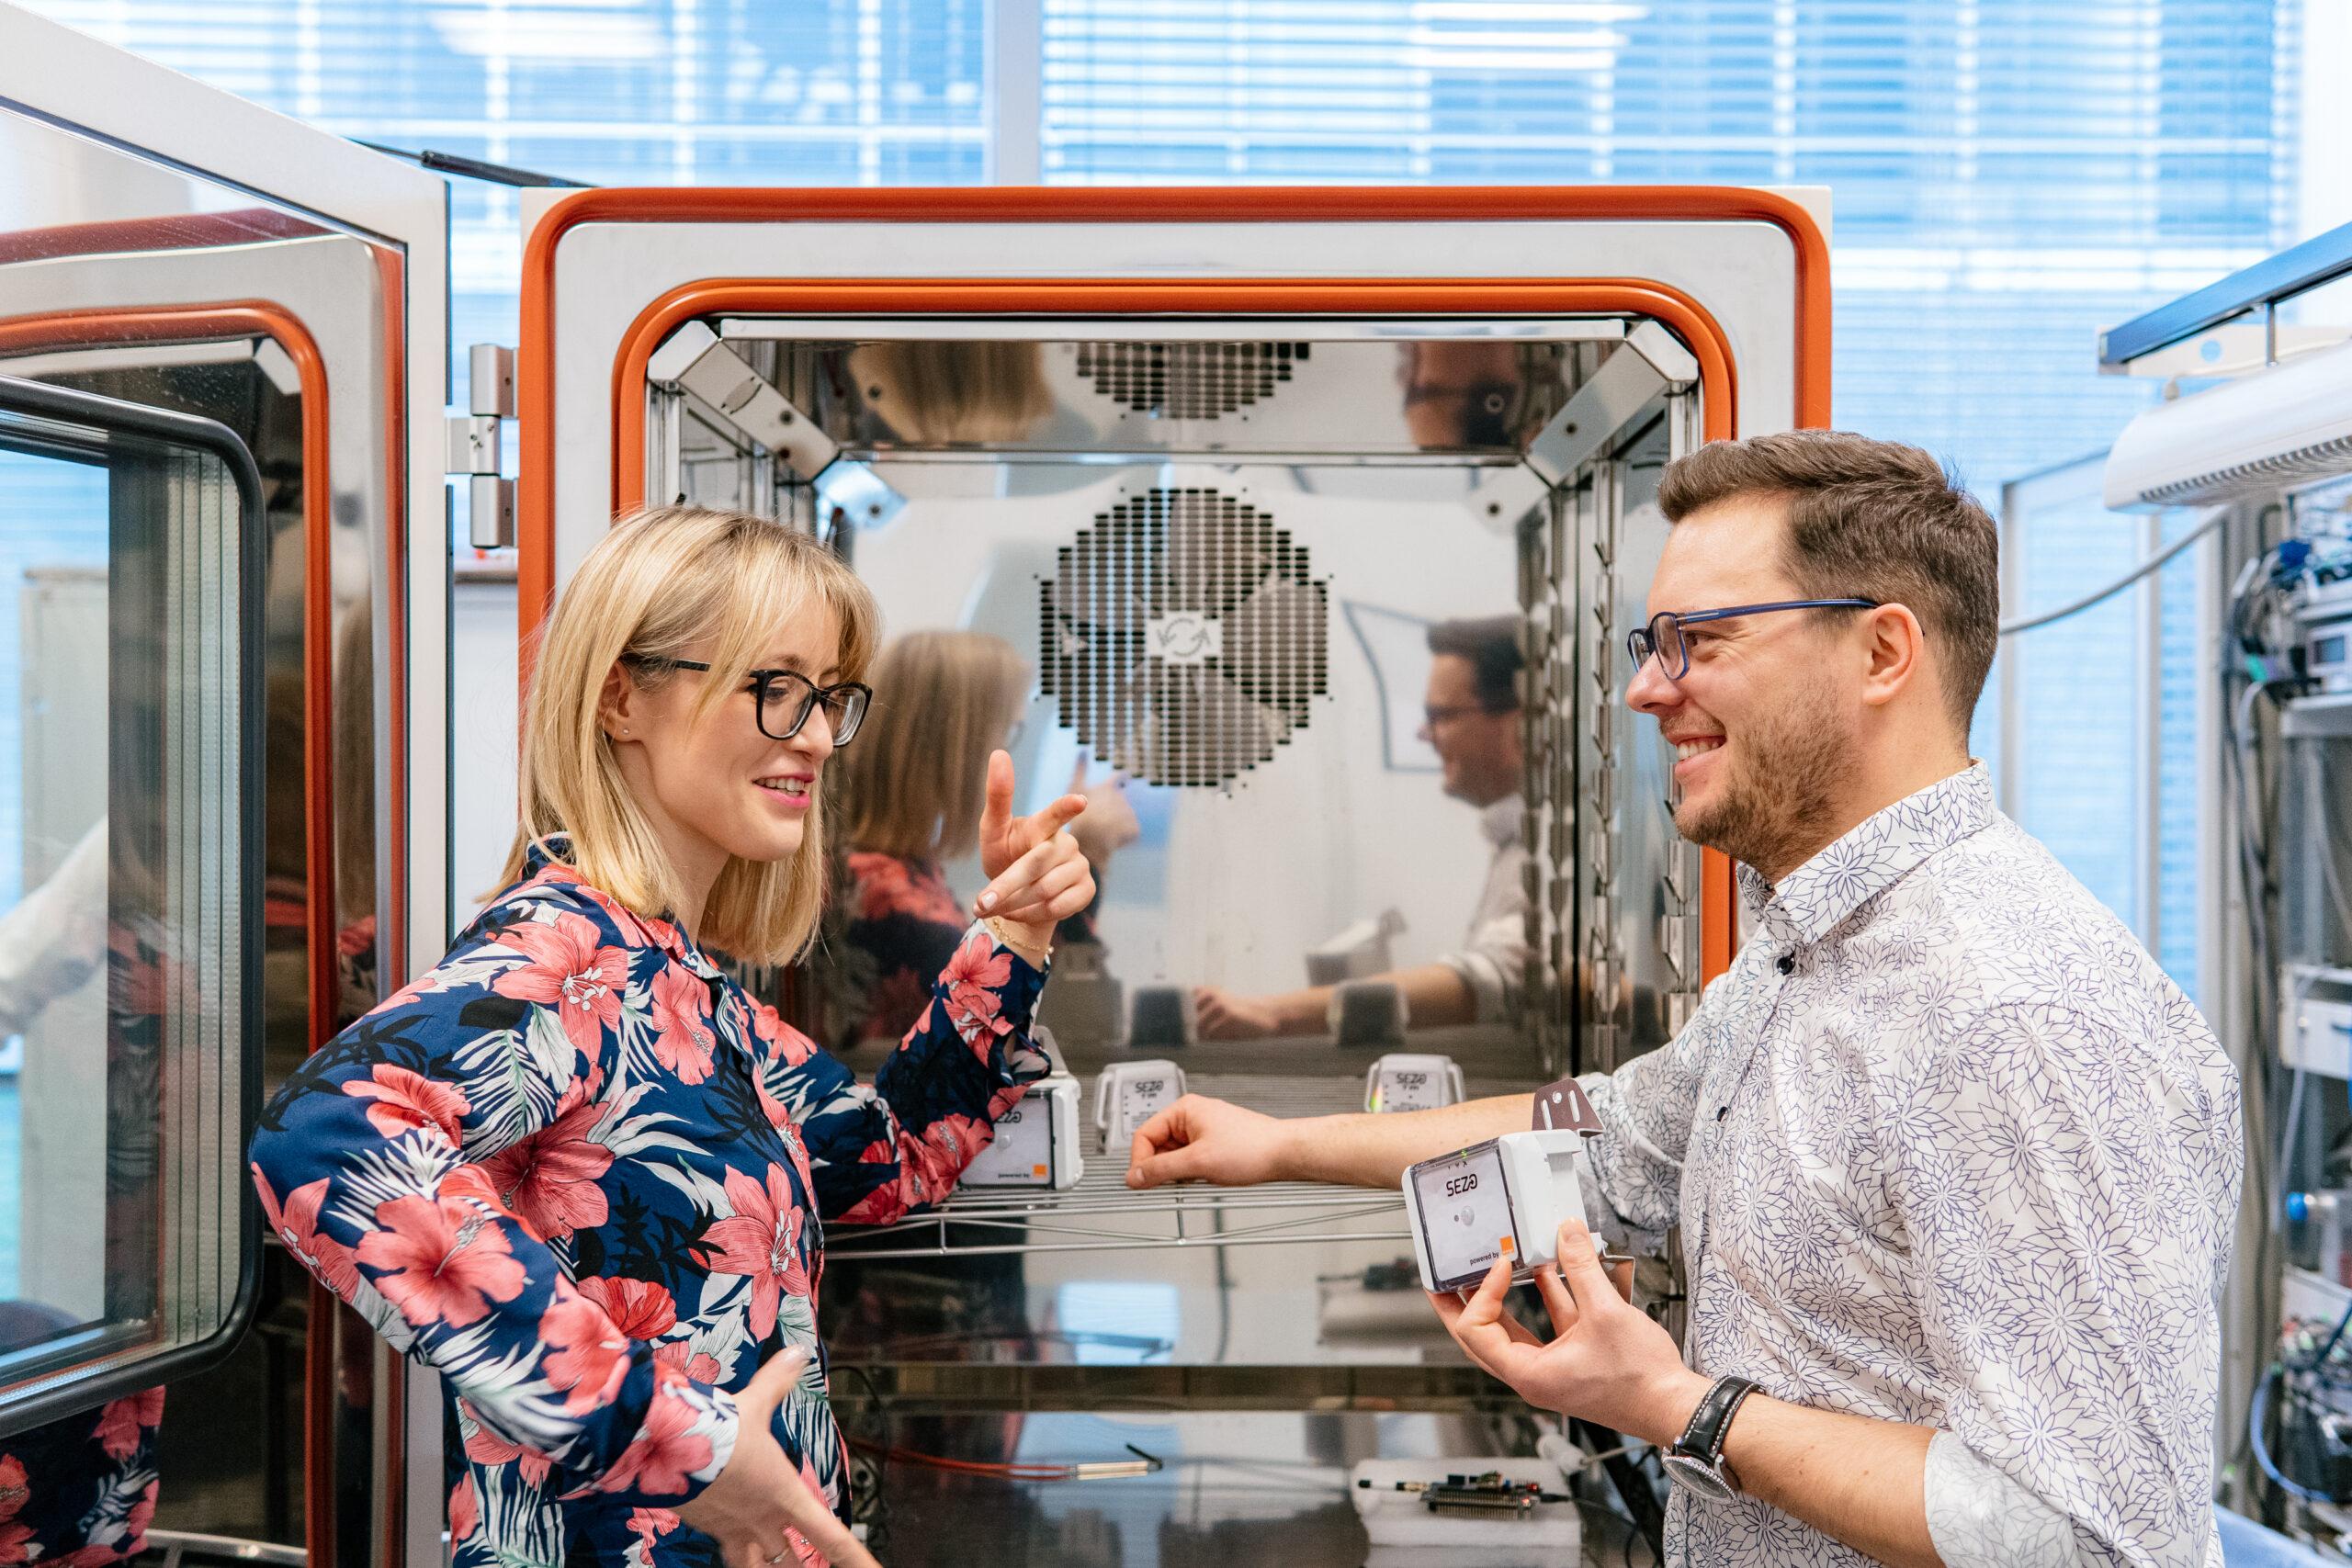 pracownicy innovatree rozmawiający przy maszynie w laboratorium